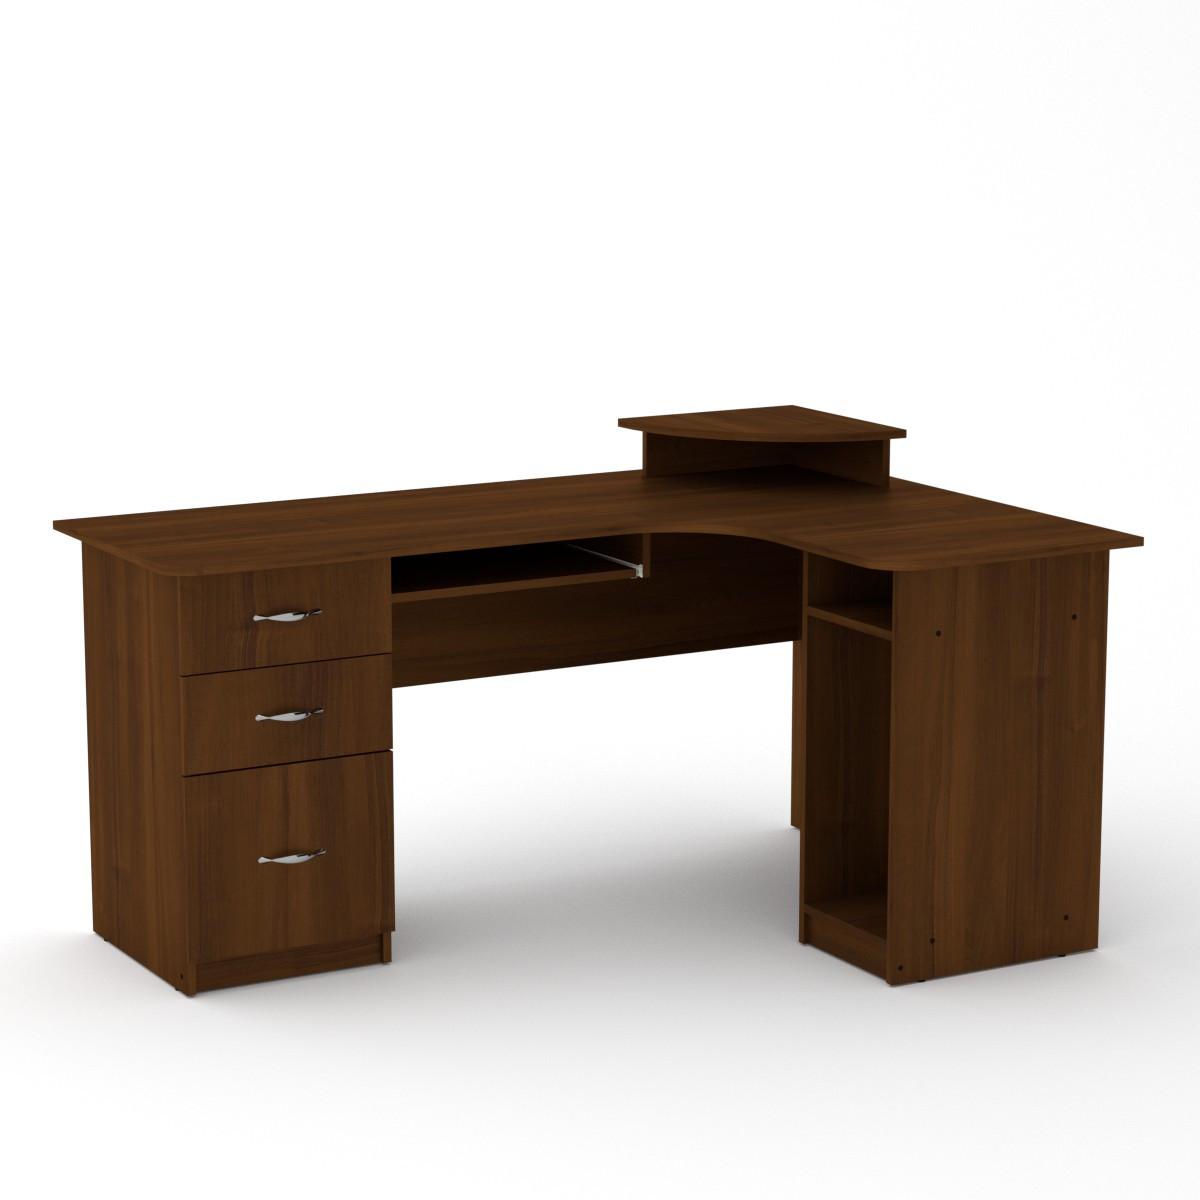 Стол компьютерный СУ-3 орех экко Компанит (160х110х87 см)